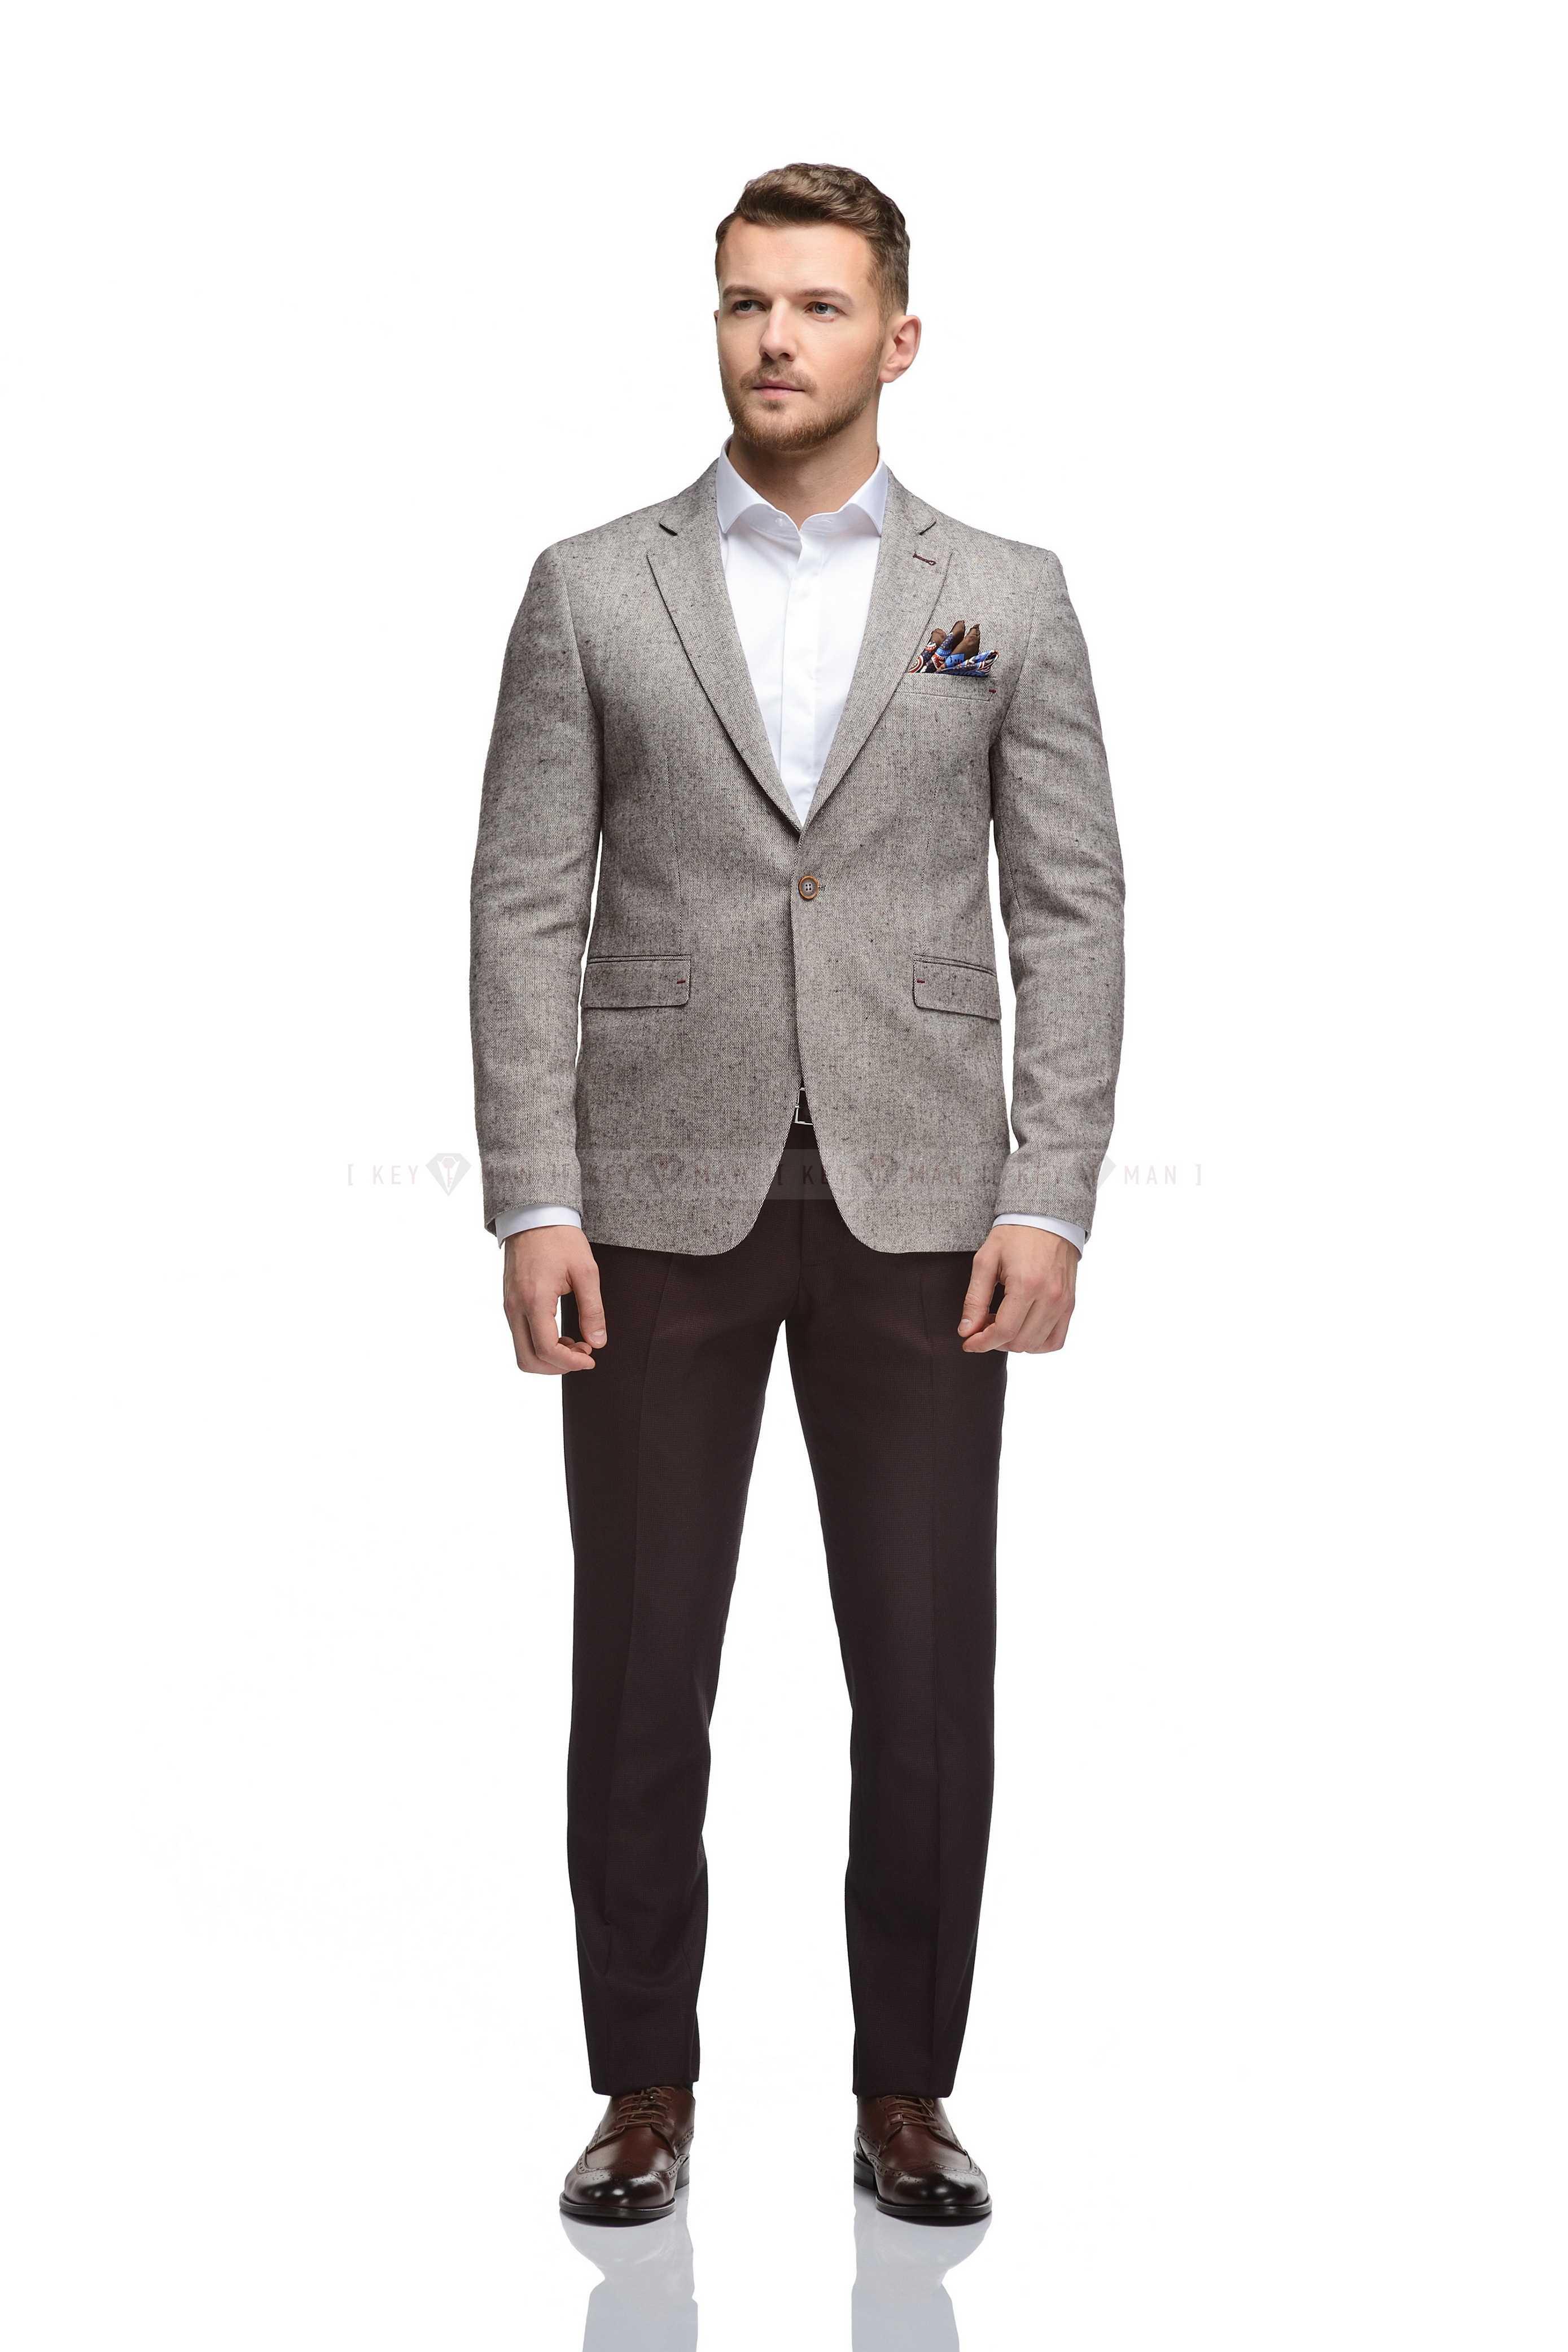 Пиджак мужской бежево-бордовый меланж